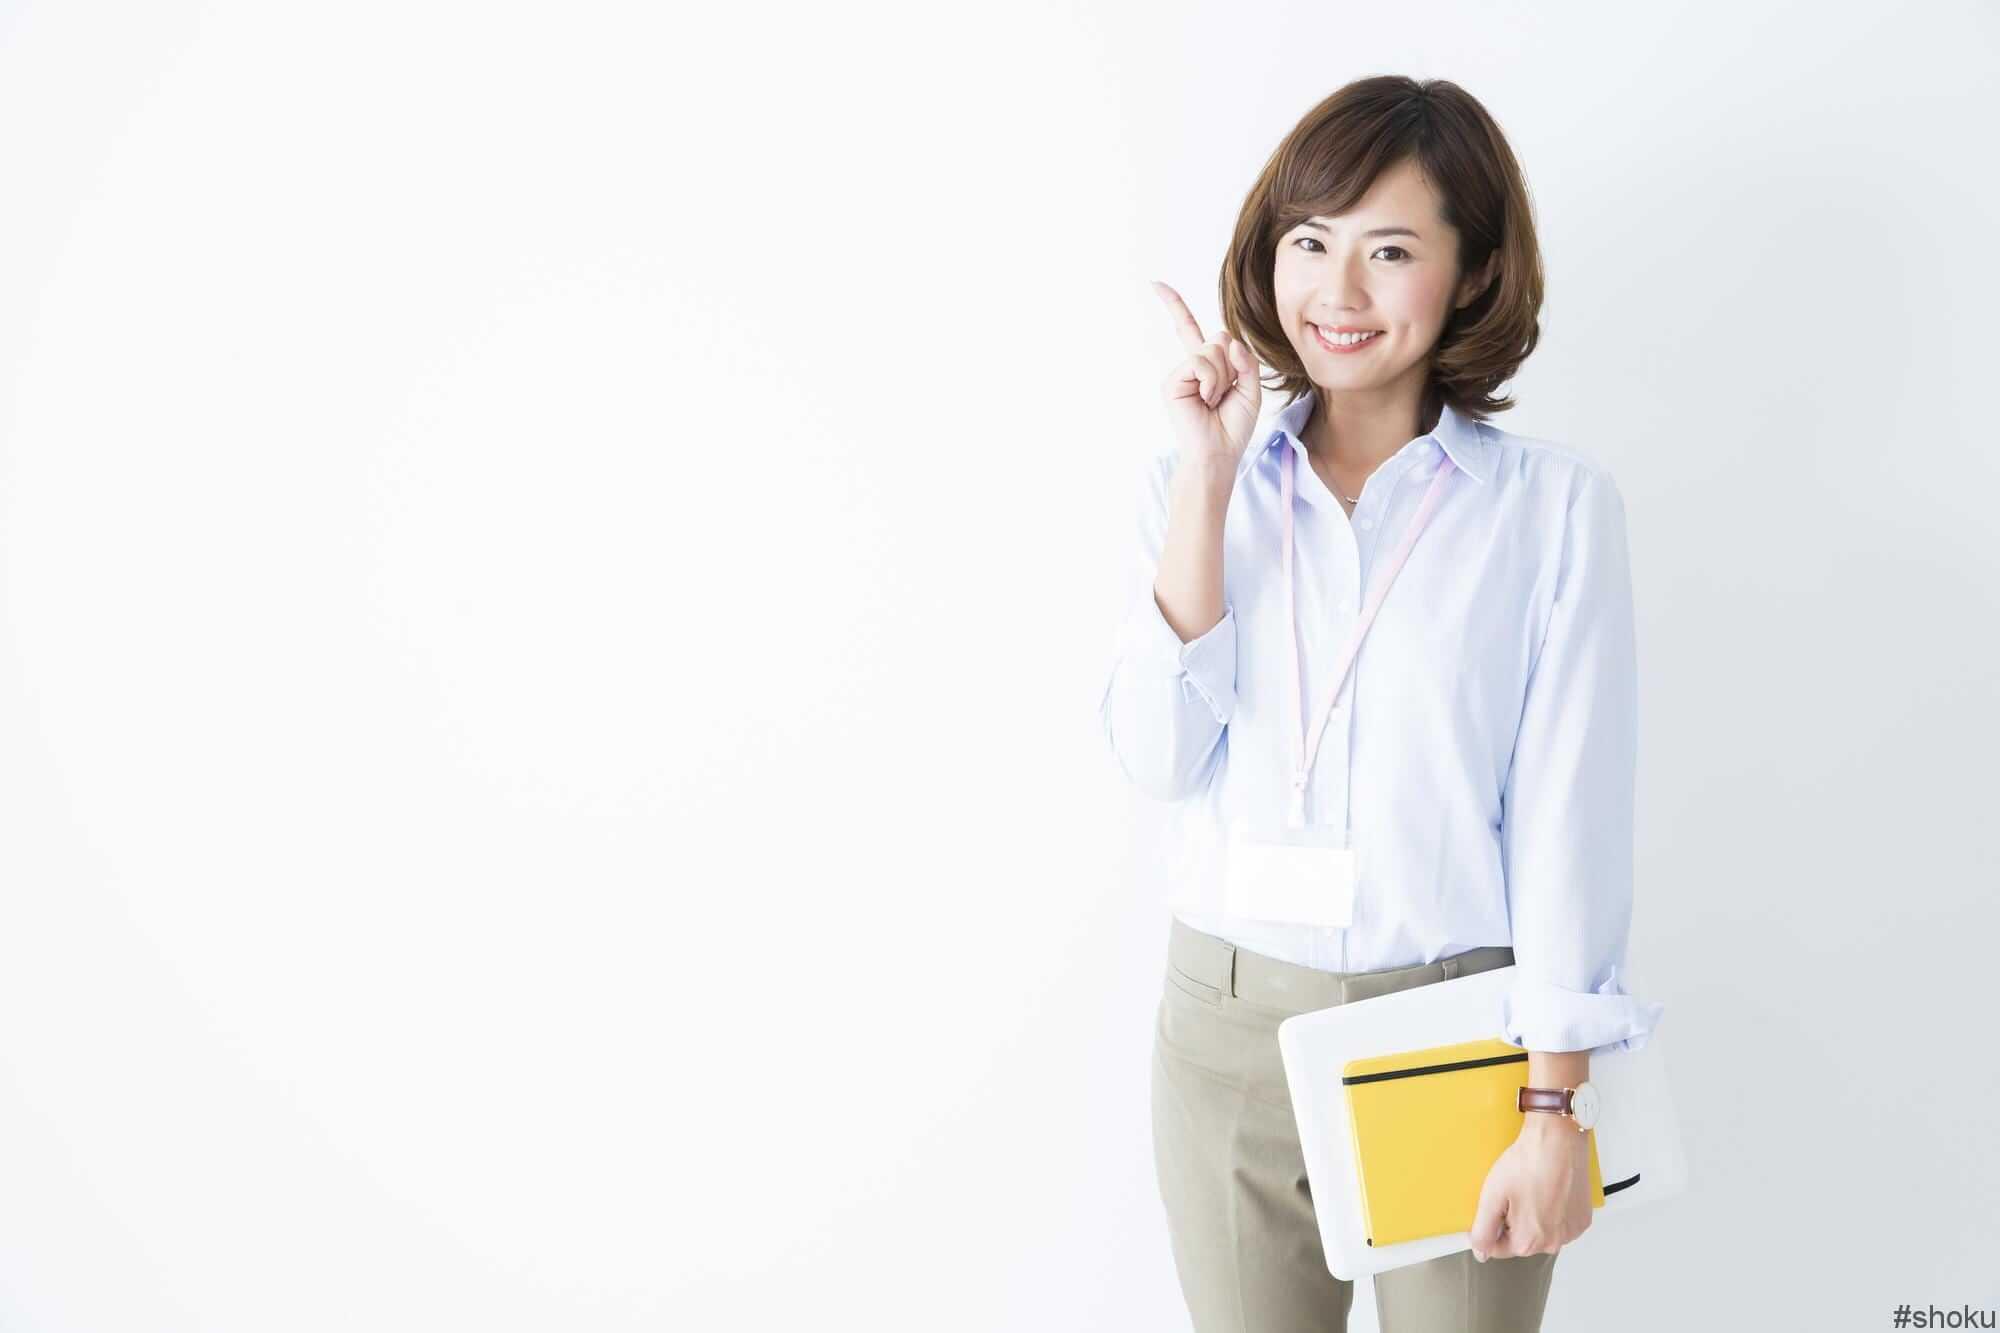 時給は上がりづらいので交渉しつつもスキルアップを勧める女性